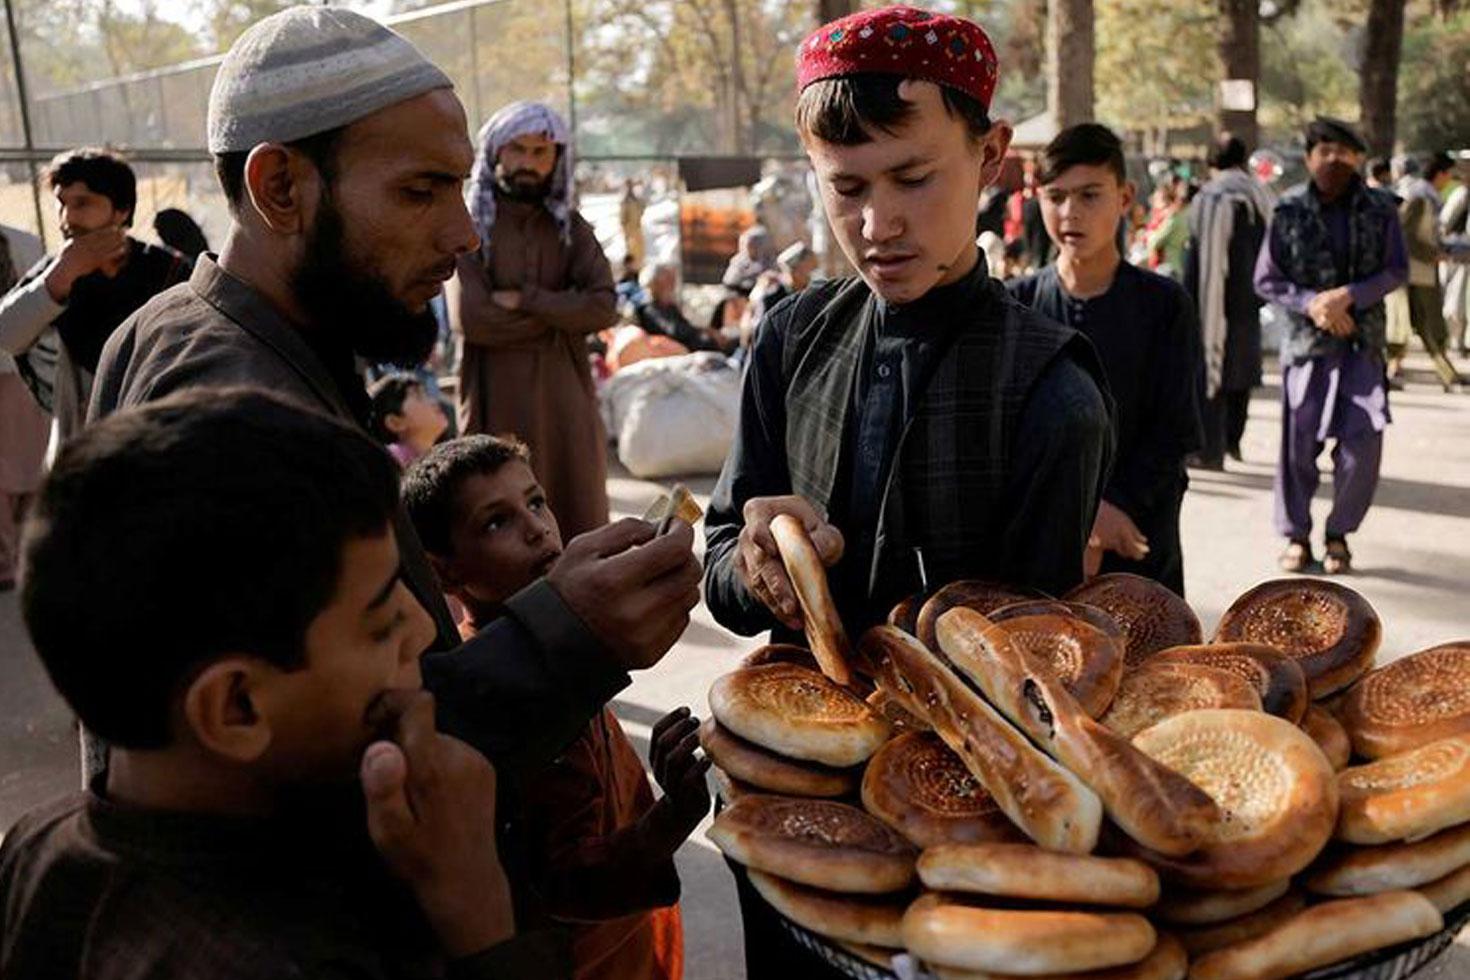 শীতে অর্ধেক আফগান চরম খাদ্যসংকটে ভুগবে: জাতিসংঘ